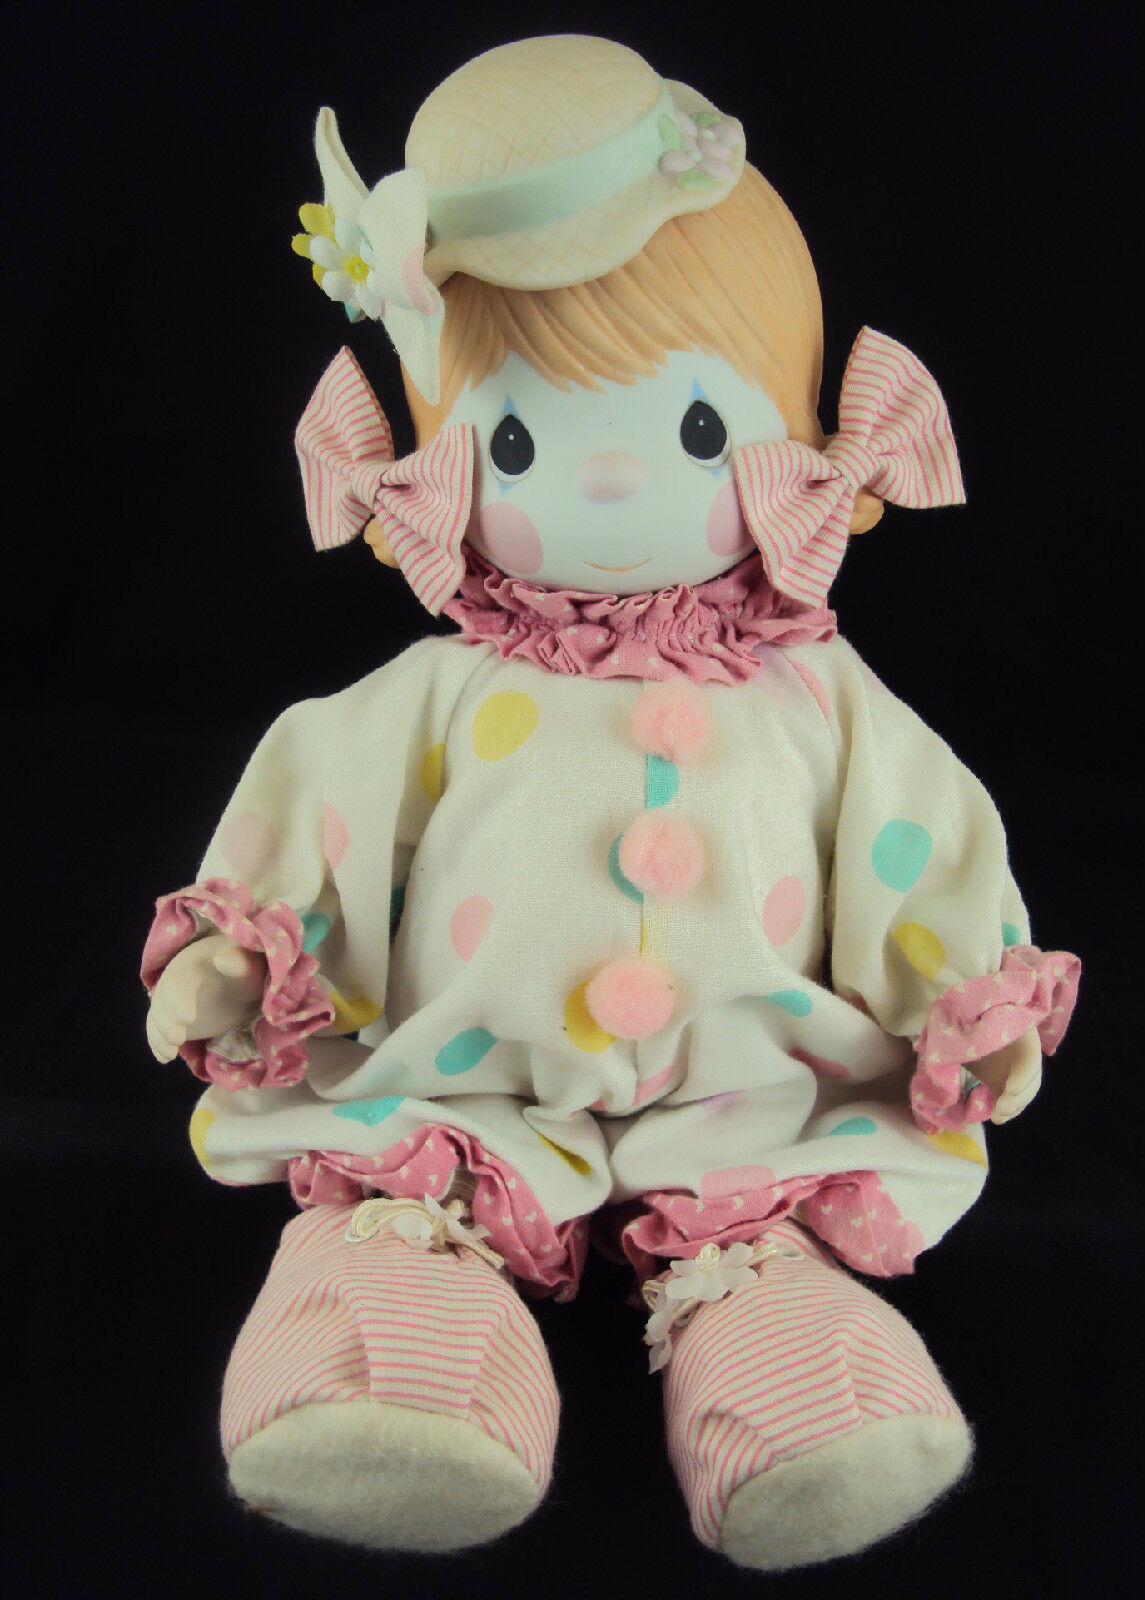 Precious Moments Muñeca 100463,  caramelo  El Payaso, incluye soporte de la muñeca, Certficate